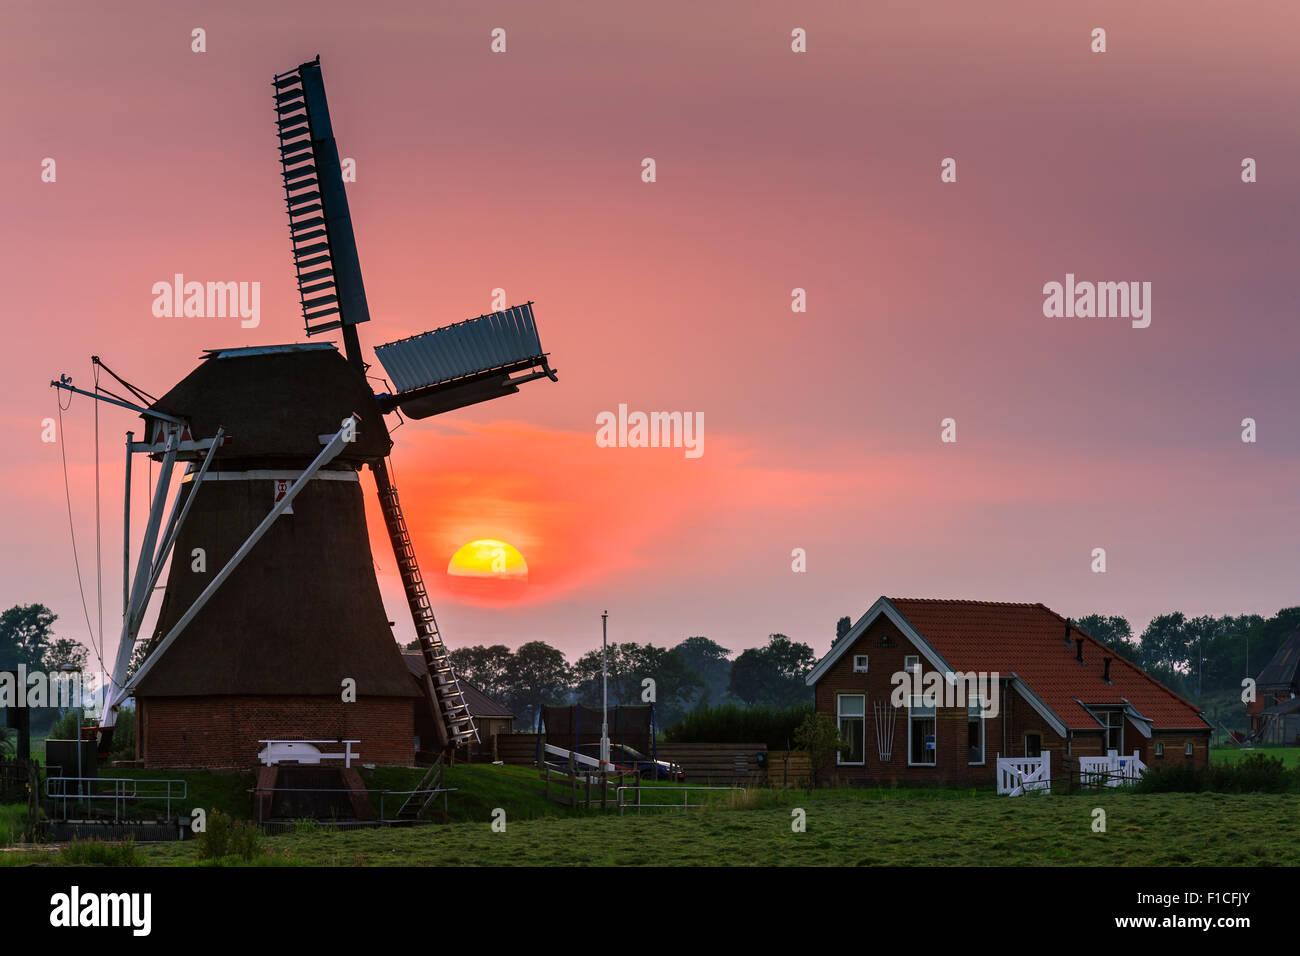 Windmühle De Jonge Held (der junge Held) bei Leegkerk, etwas außerhalb von Groningen, Niederlande. Stockbild